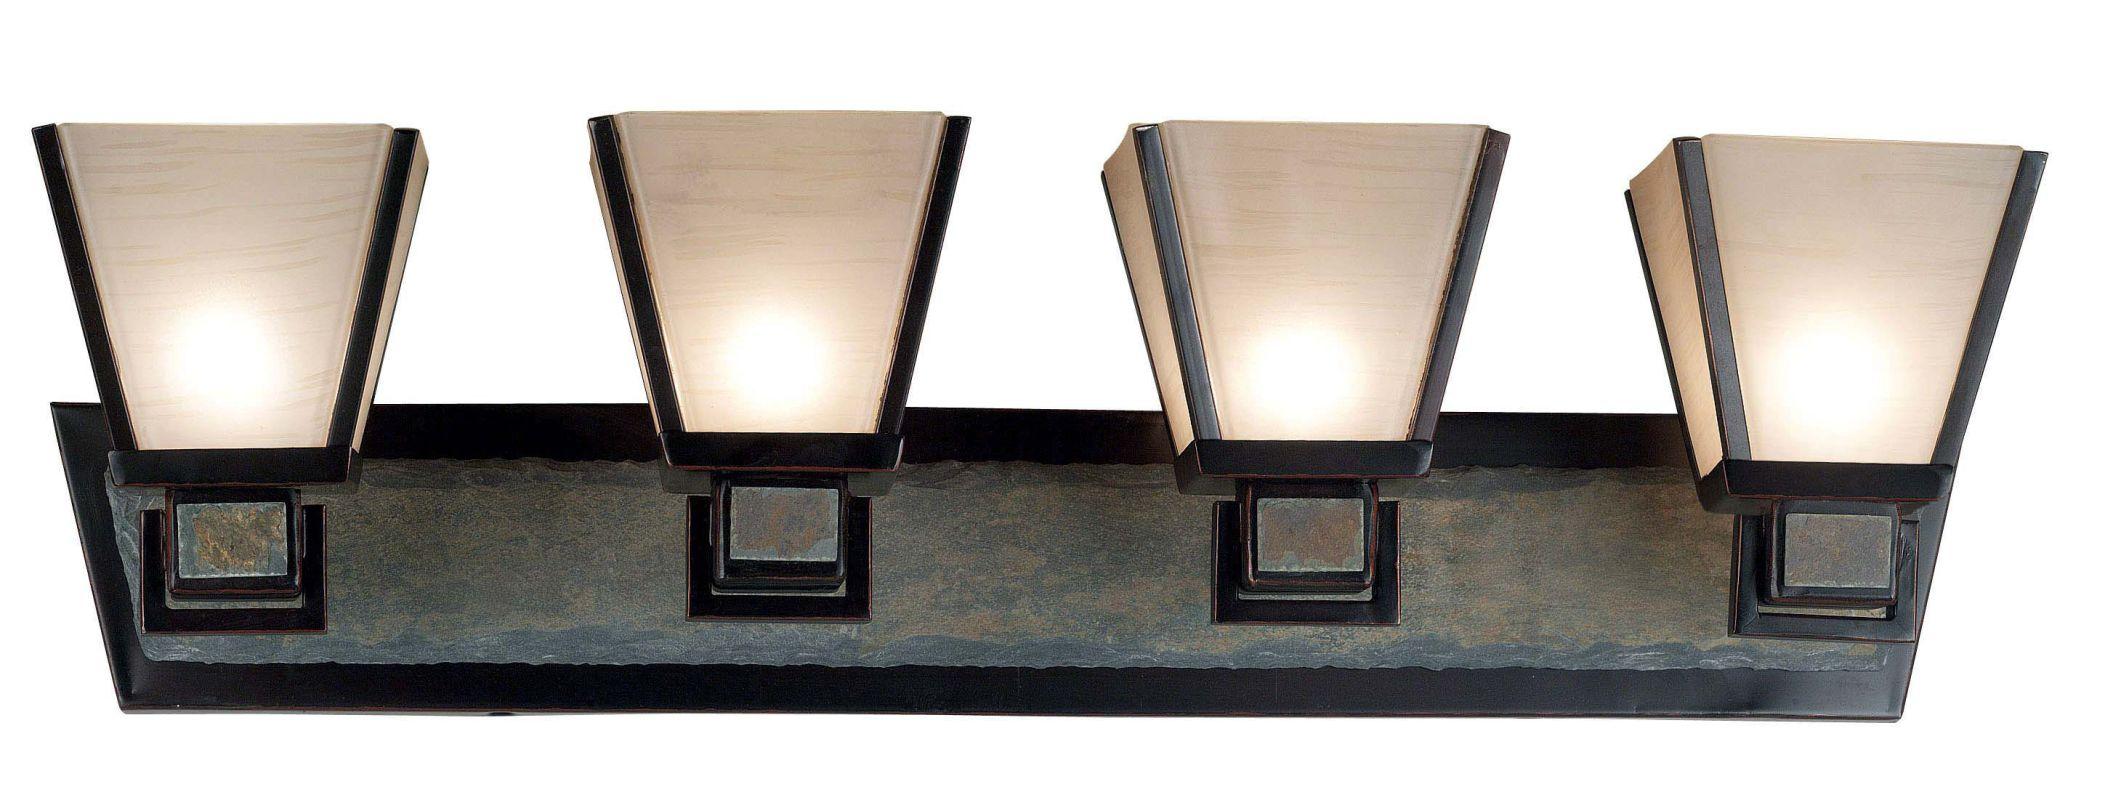 Kenroy Home 91604 Clean Slate 4 Light Bathroom Vanity Light Oil Rubbed Sale $369.00 ITEM: bci907226 ID#:91604ORB UPC: 53392086251 :